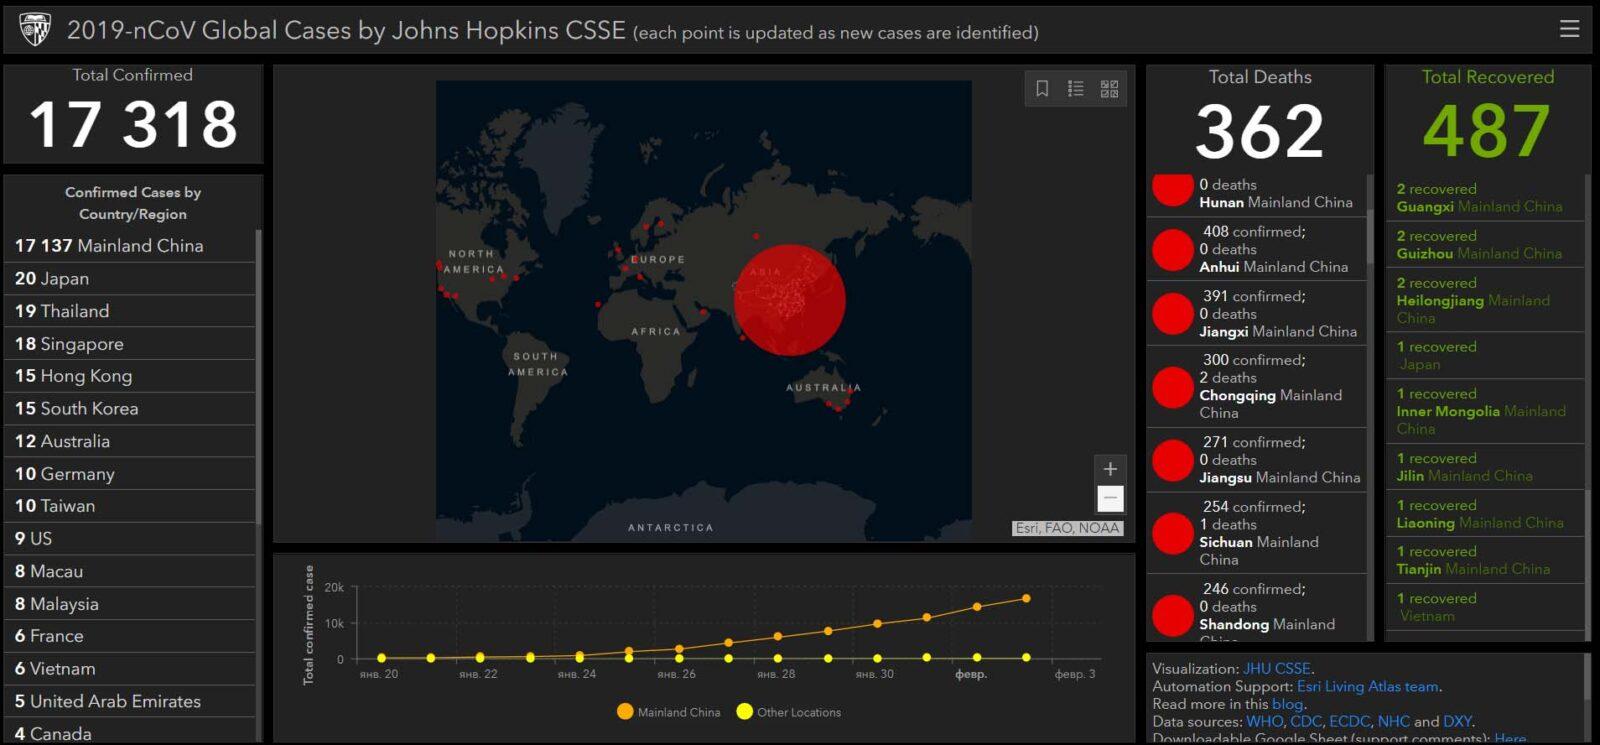 Информация о коронавирусе 2019-nCoV  в реальном времени.